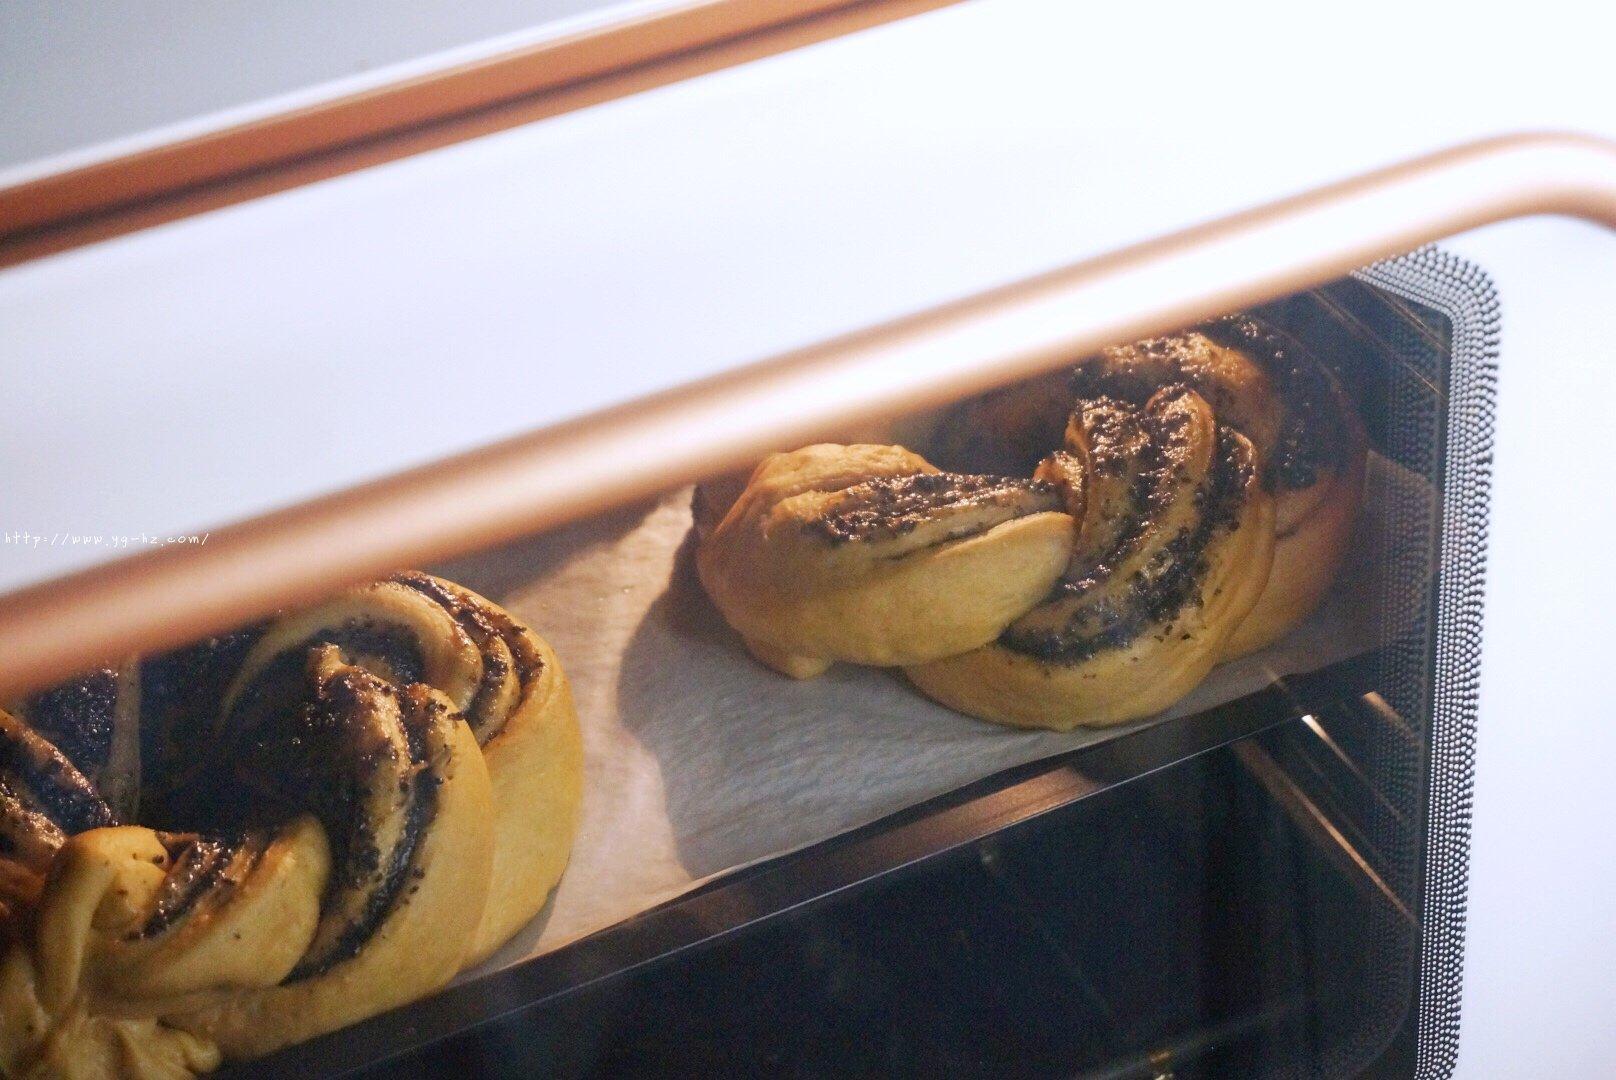 养生黑芝麻红糖全麦fafa软欧面包(波兰种)的做法 步骤22